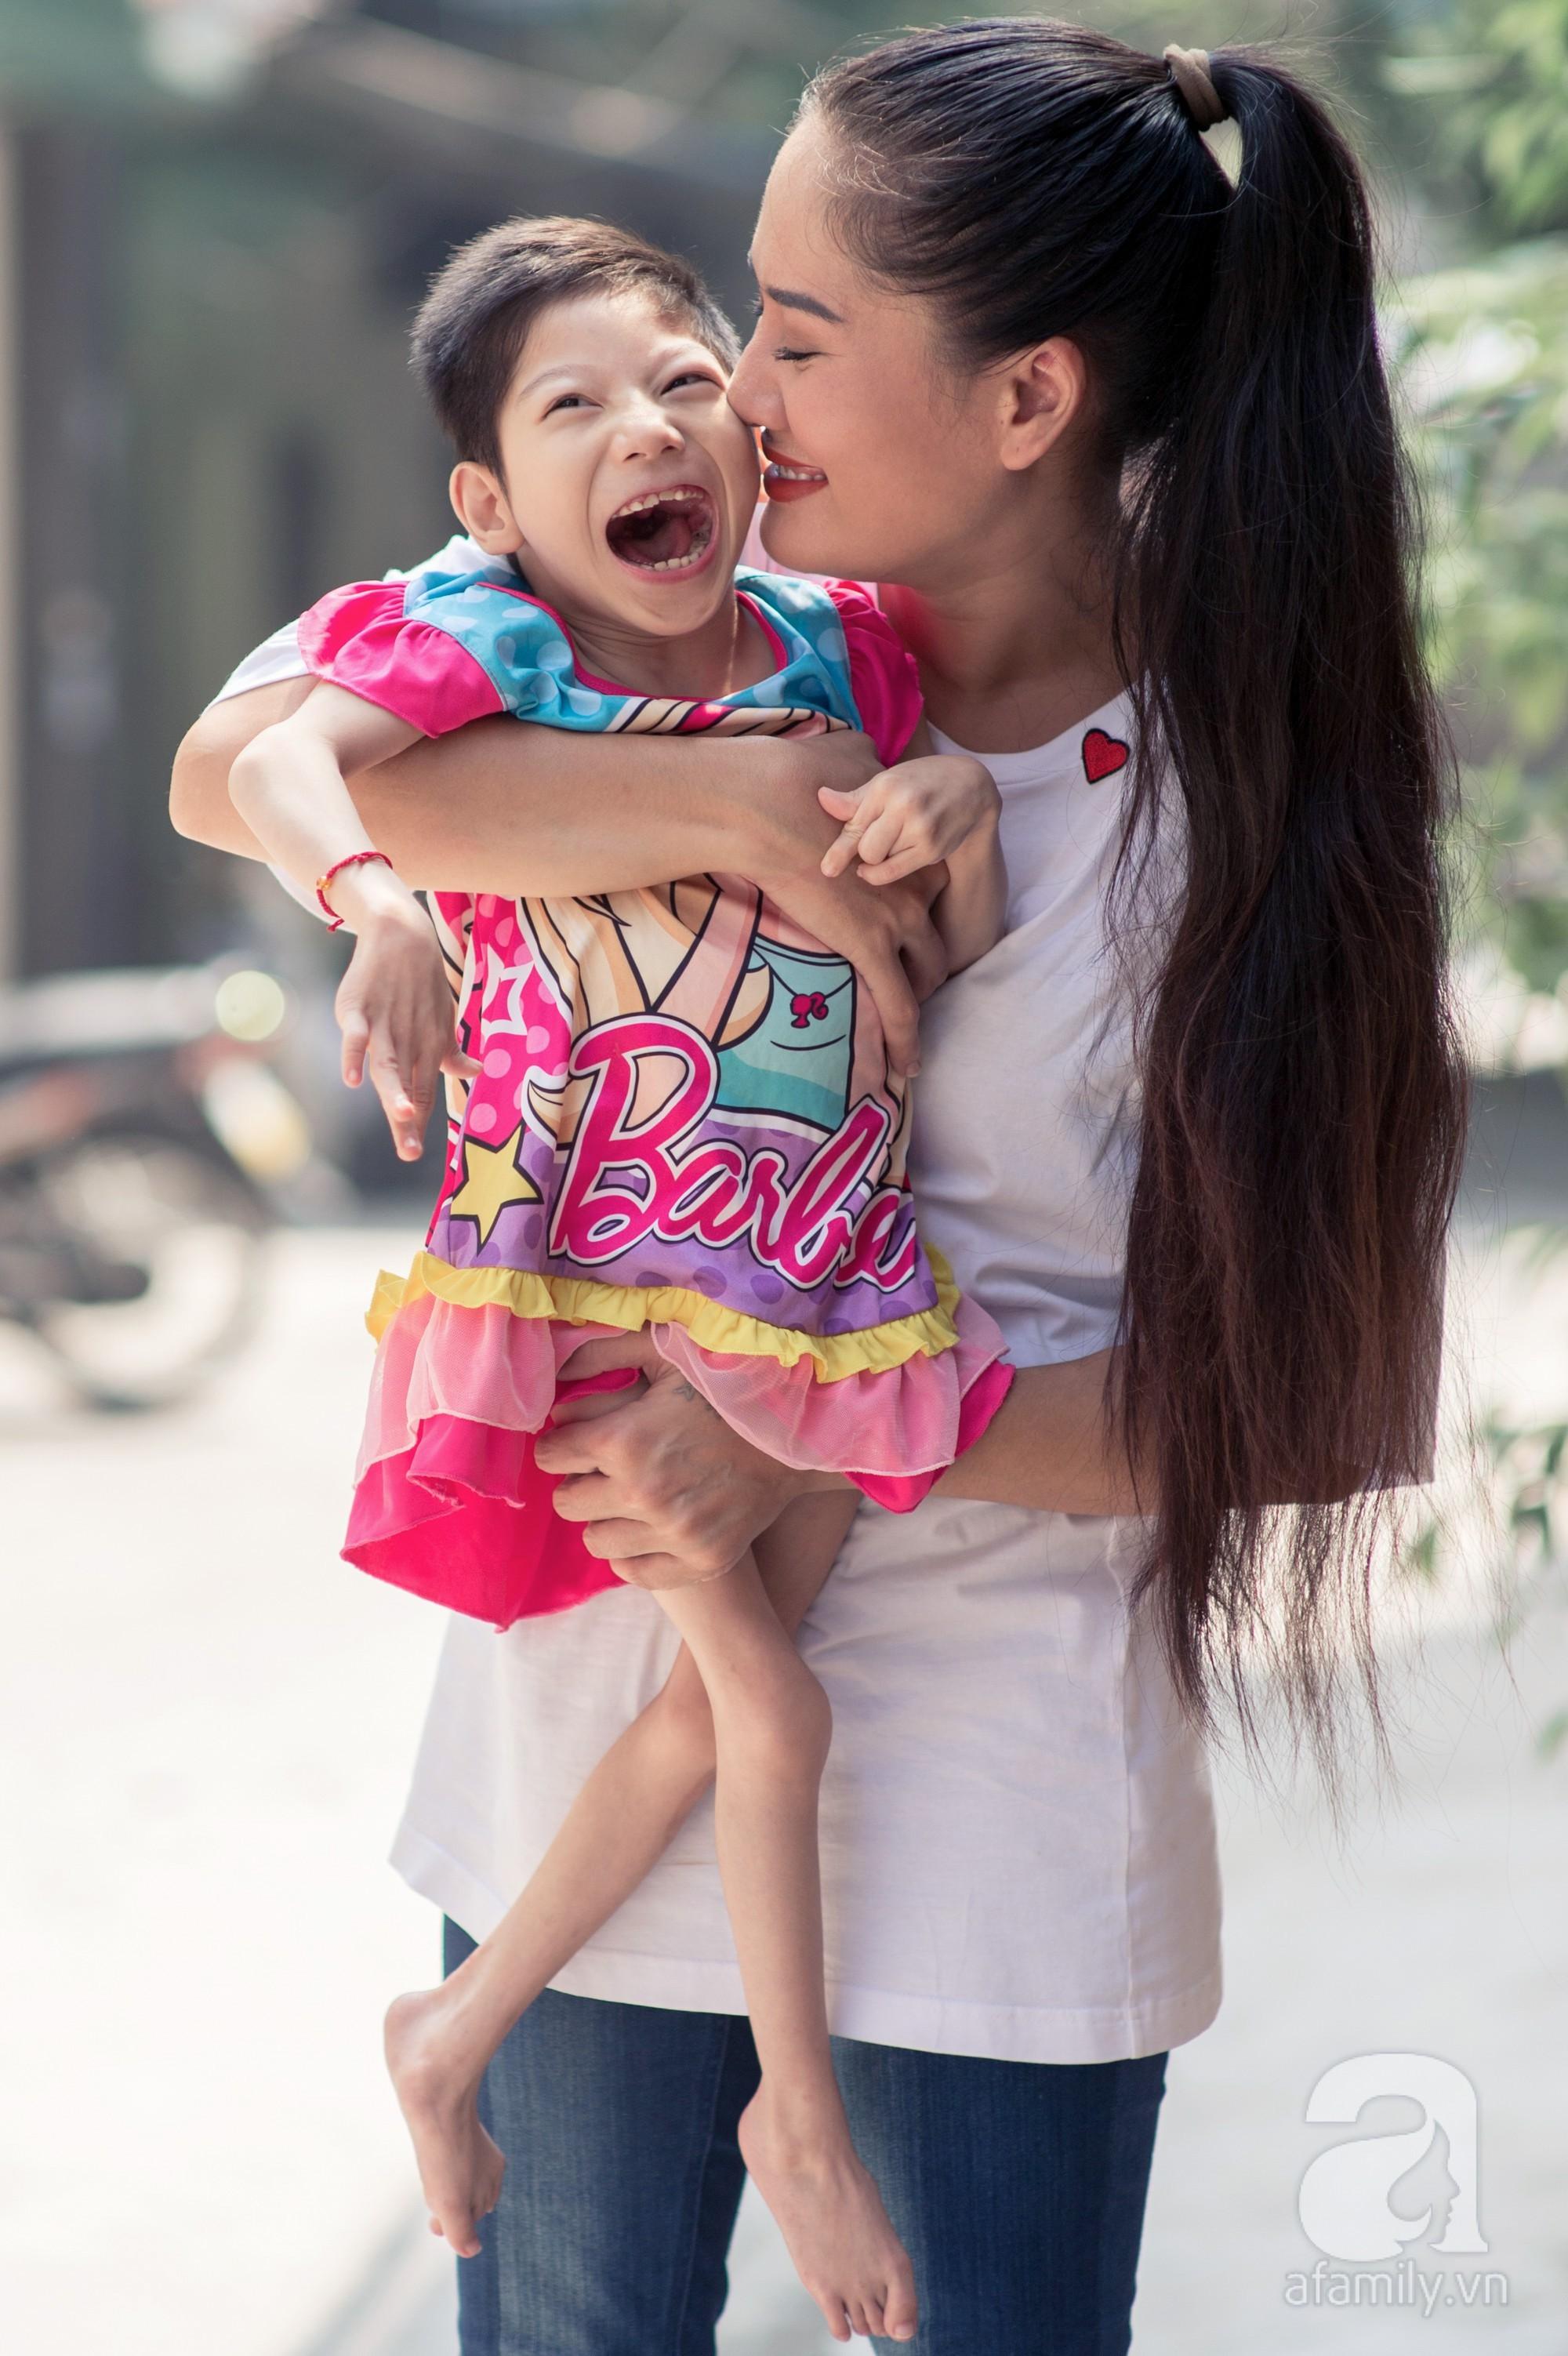 Minh Cúc Về nhà đi con kể về bạn trai từng nghĩ chỉ yêu chơi: Anh ấy muốn làm bố, nhưng tôi không thể sinh con-7